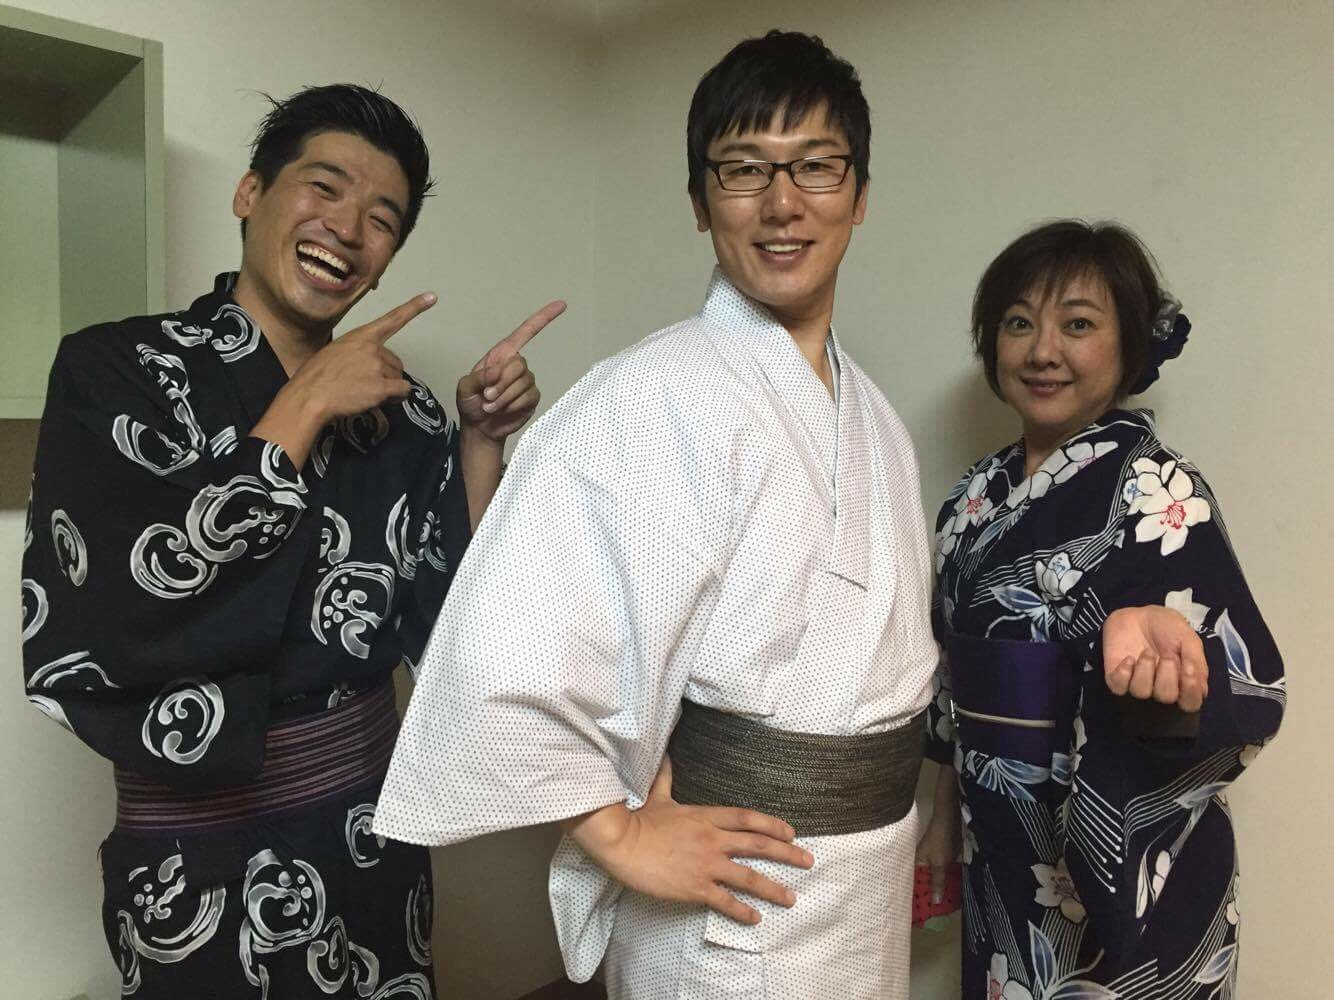 <浴衣*ラジオ番組公開イベント>